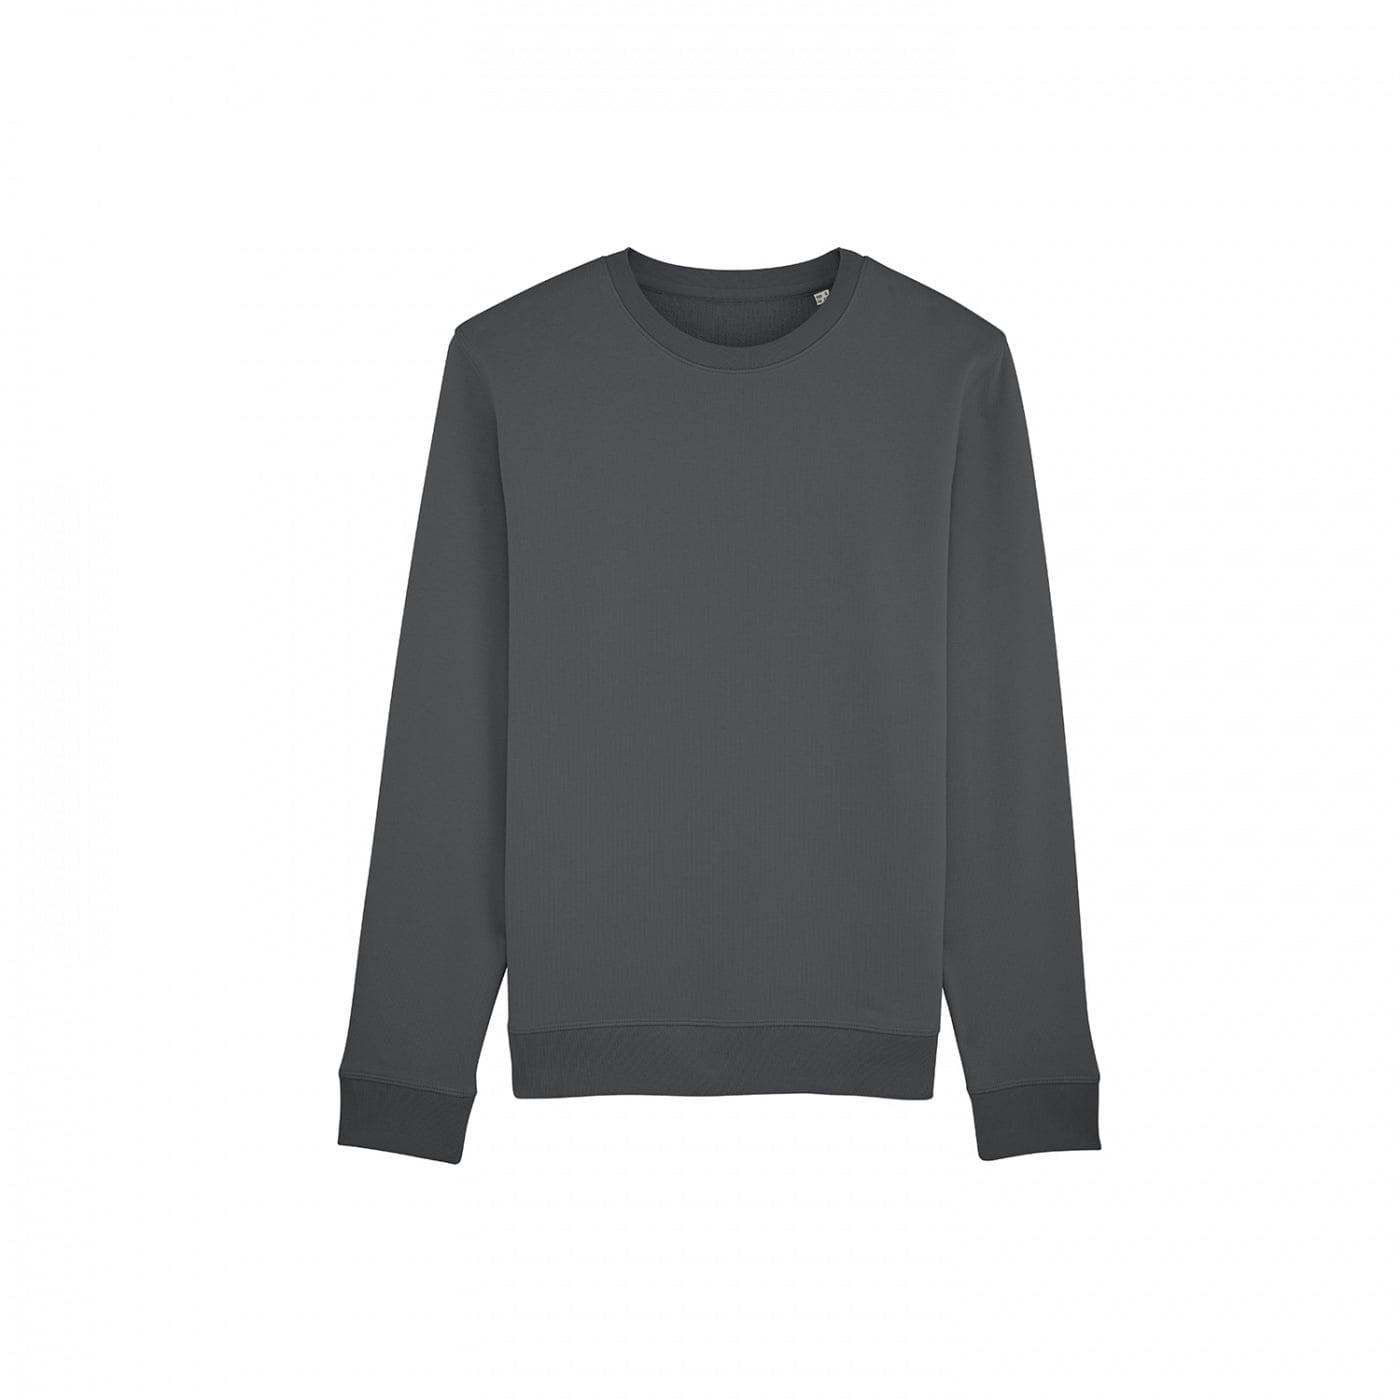 Bluzy - Bluza Crewneck Rise - Stanley/Stella STSU811 - Anthracite - RAVEN - koszulki reklamowe z nadrukiem, odzież reklamowa i gastronomiczna